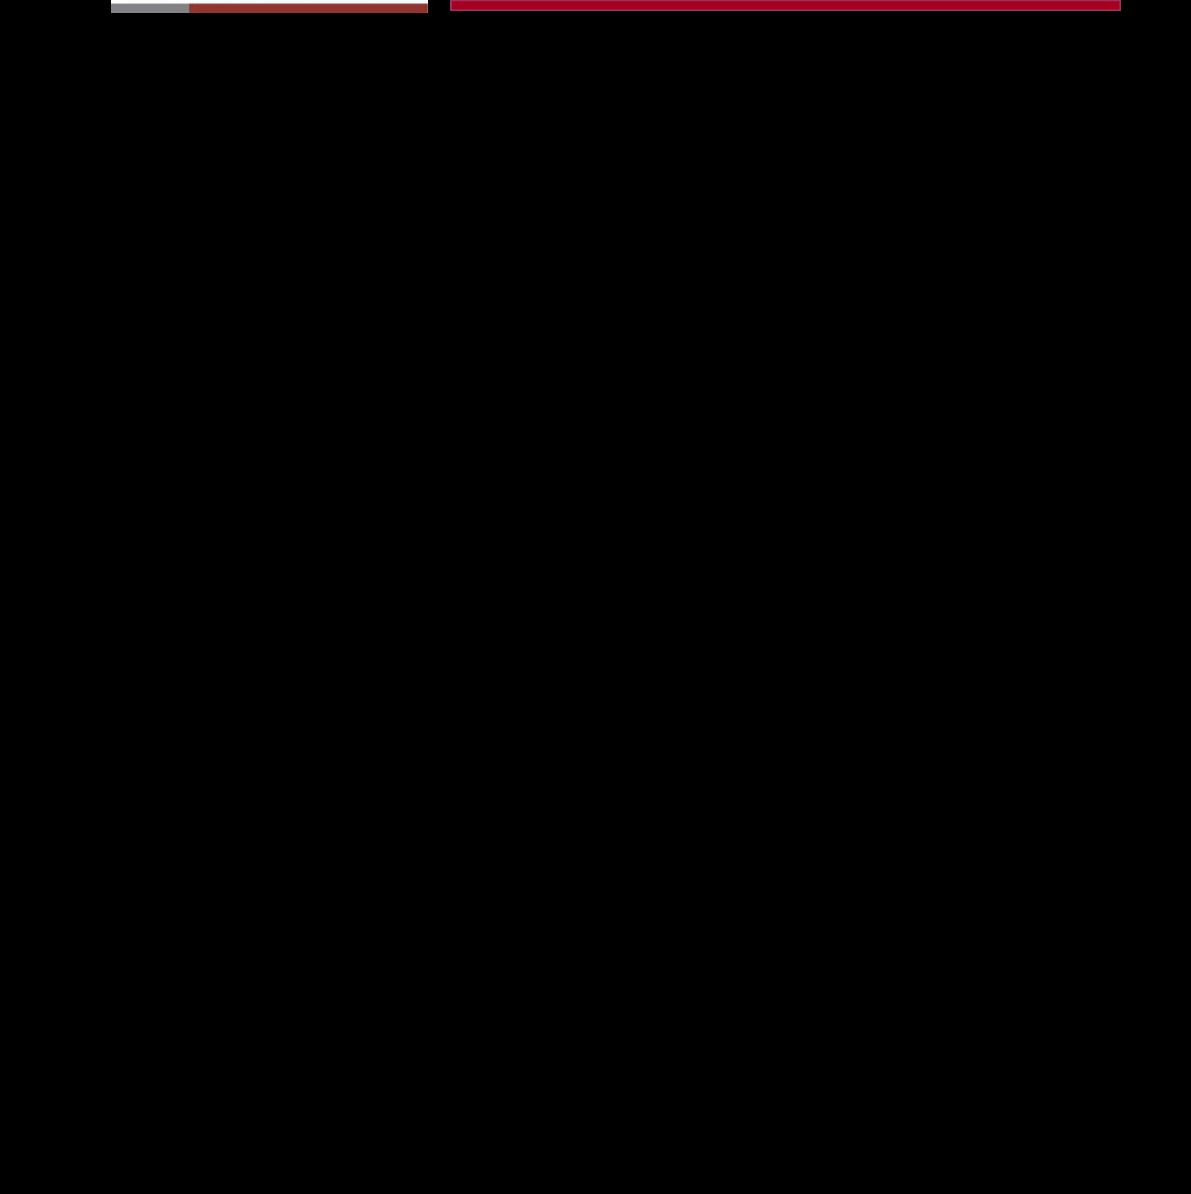 安信雷火电竞平台-成都先导-688222-实现首例自主新药管线项目转让,进一步丰富业务模式-201111